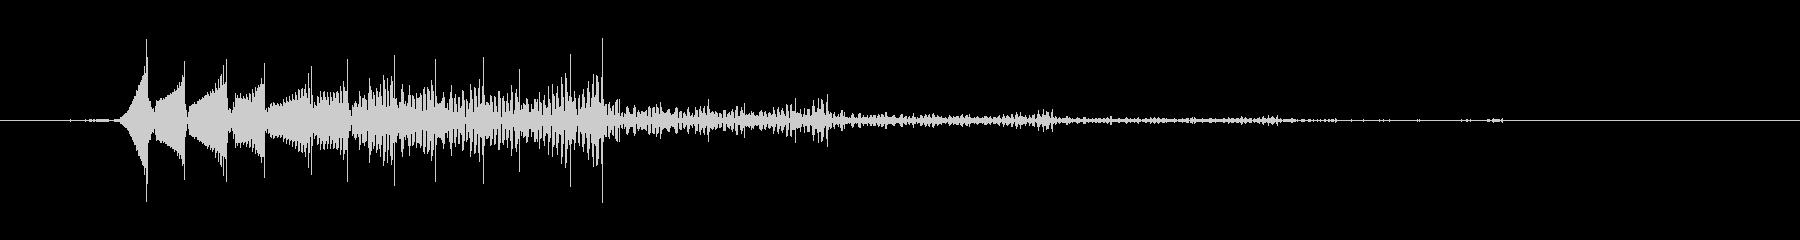 ベンチャーズのテケテケ音の未再生の波形